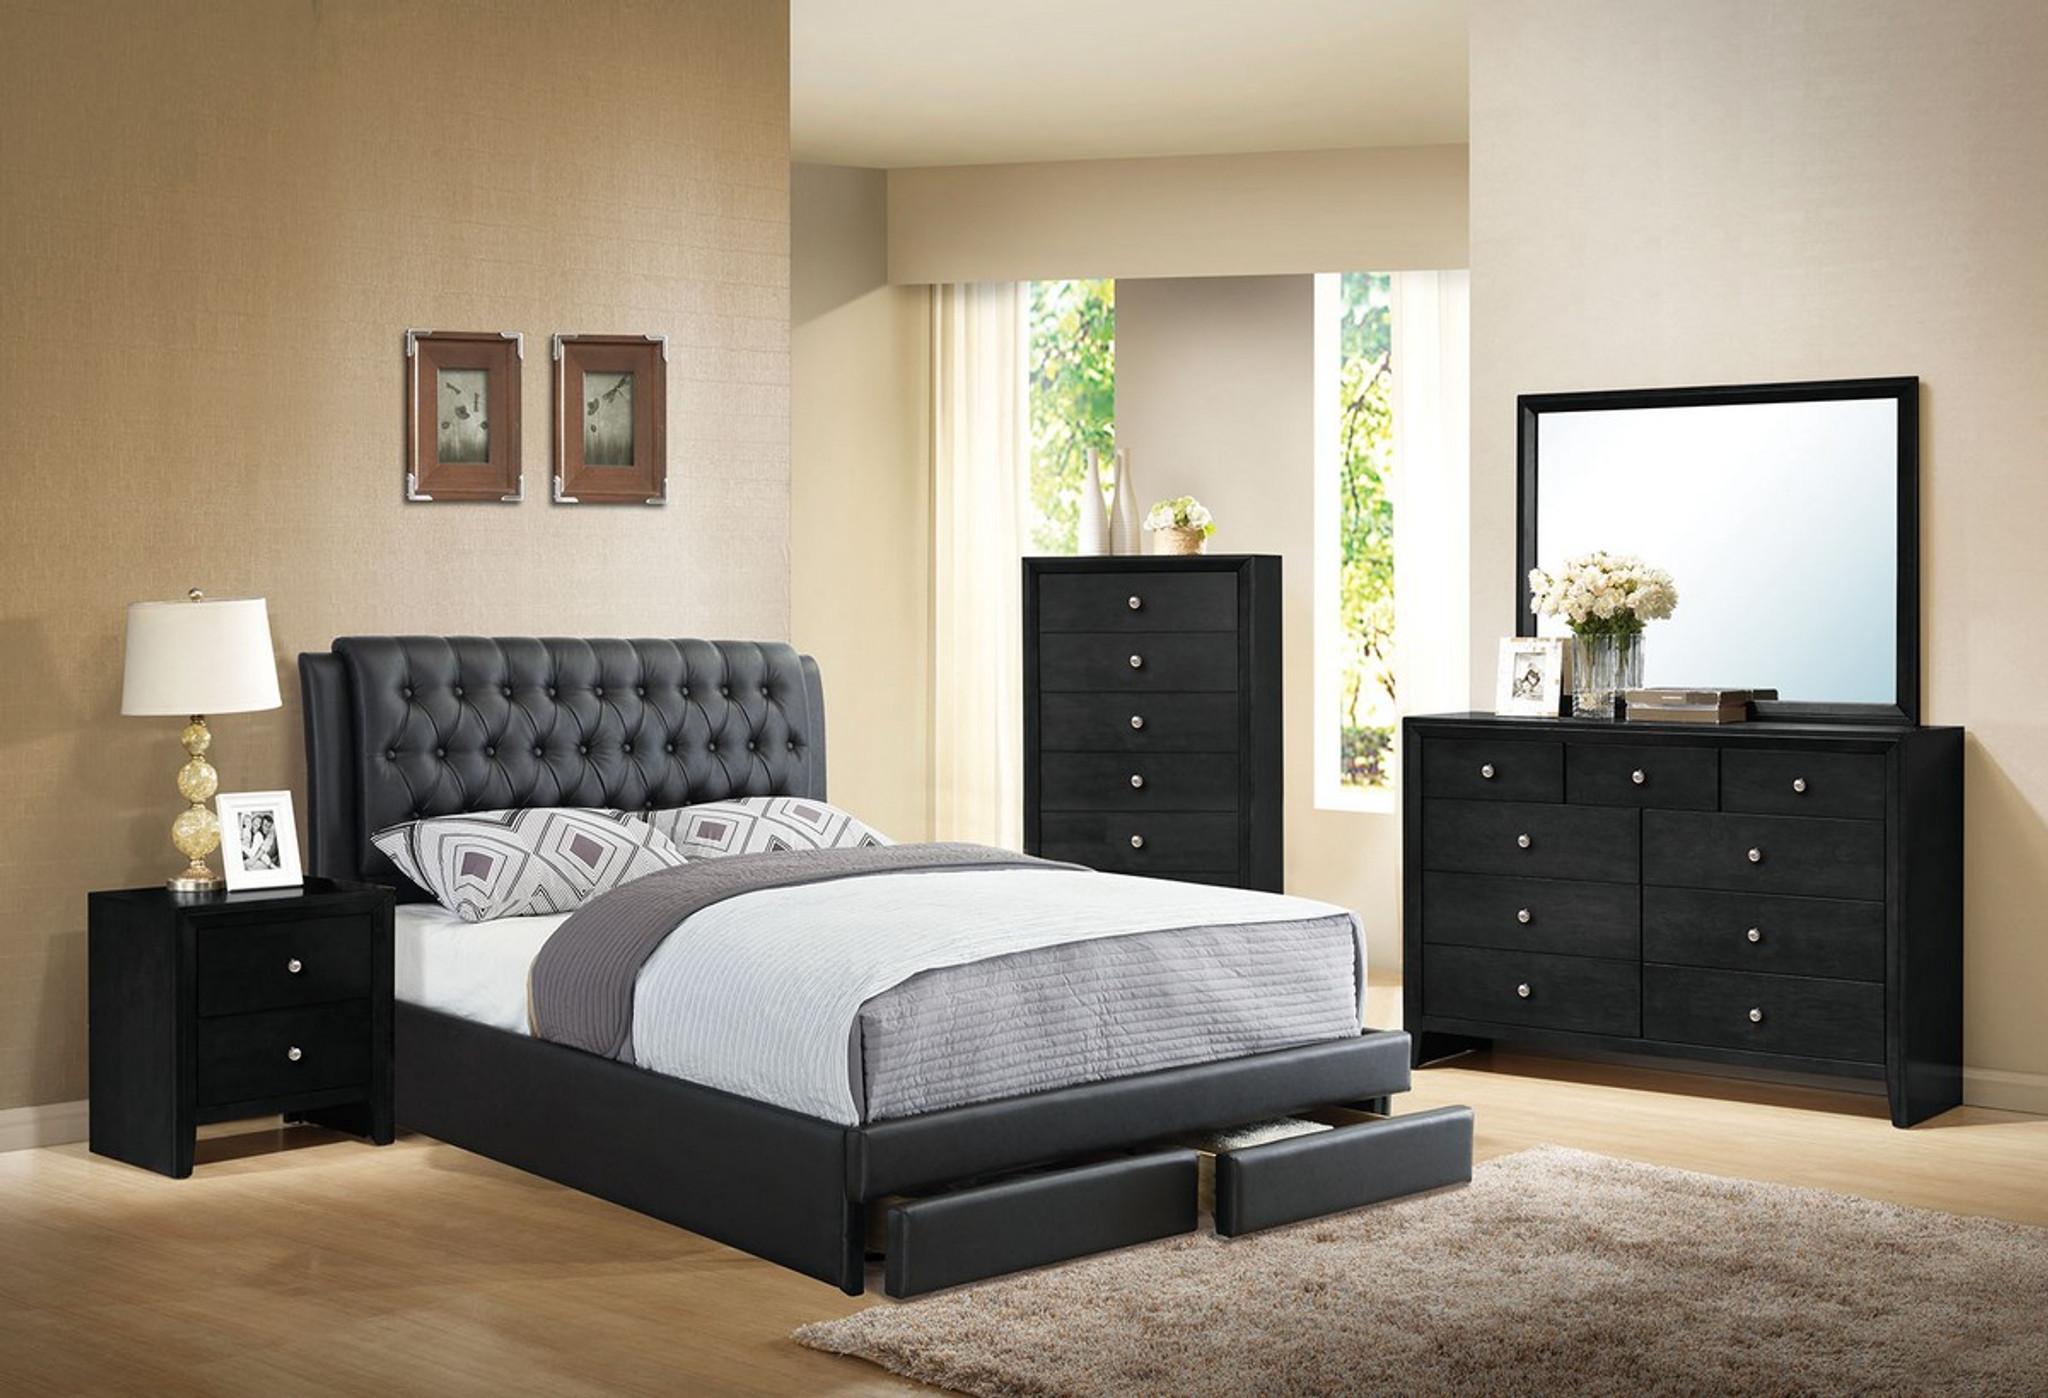 MASTER BEDROOM BED FRAME PLATFORM WITH FRONT STORAGE DRAWERS UPHOLSTERED IN  BLACK LEATHER